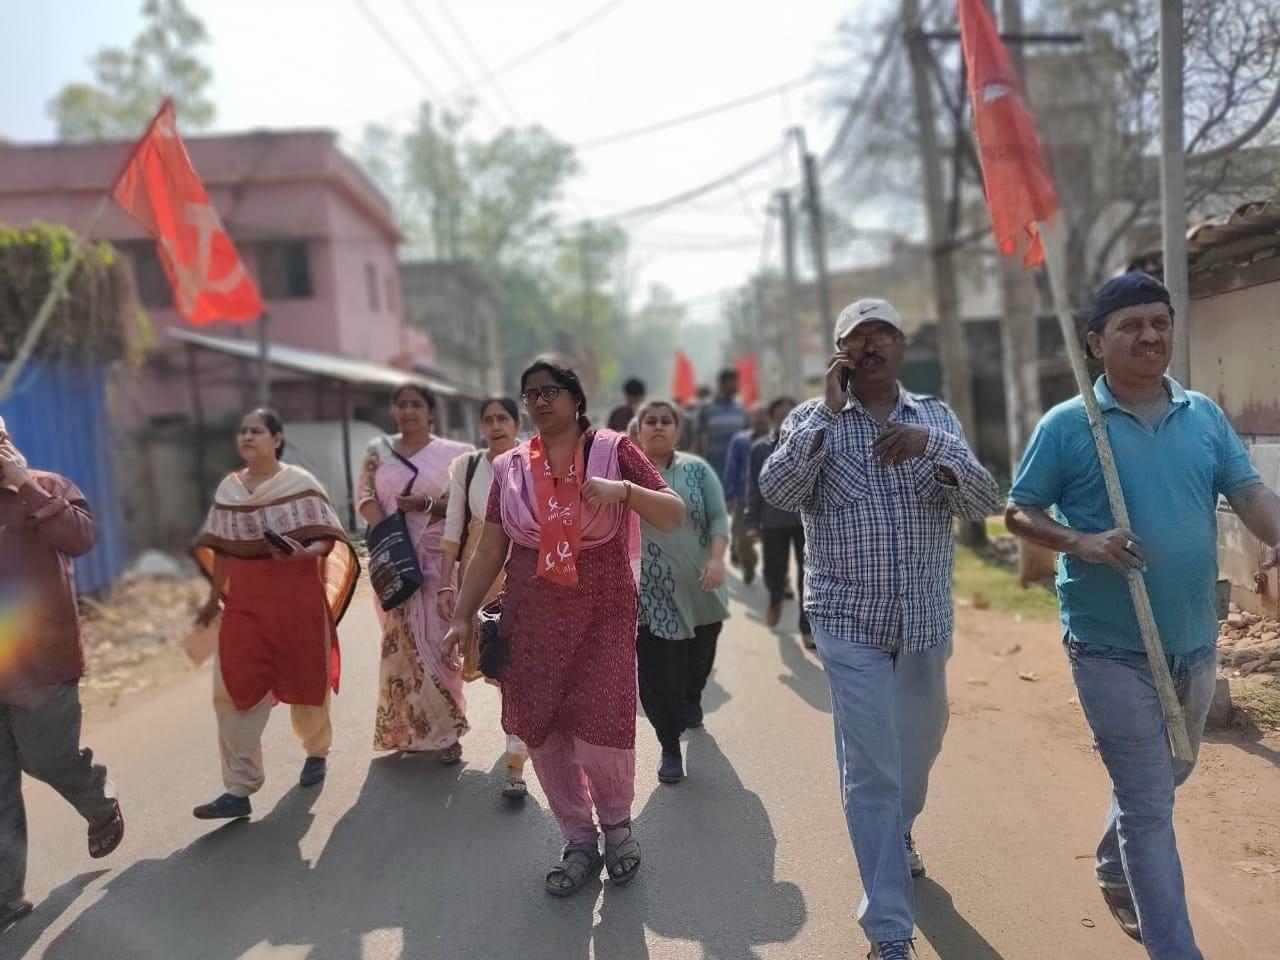 মধুজা সেন রায় : বাম-কংগ্রেস জোটের অন্যতম হেভিওয়েট প্রার্থী। ছাত্র রাজনীতি করে উঠে আসা মধুজা ঝাড়গ্রাম থেকে লড়ছেন। (ফাইল ছবি, সৌজন্য টুইটার @CPIM_WESTBENGAL)